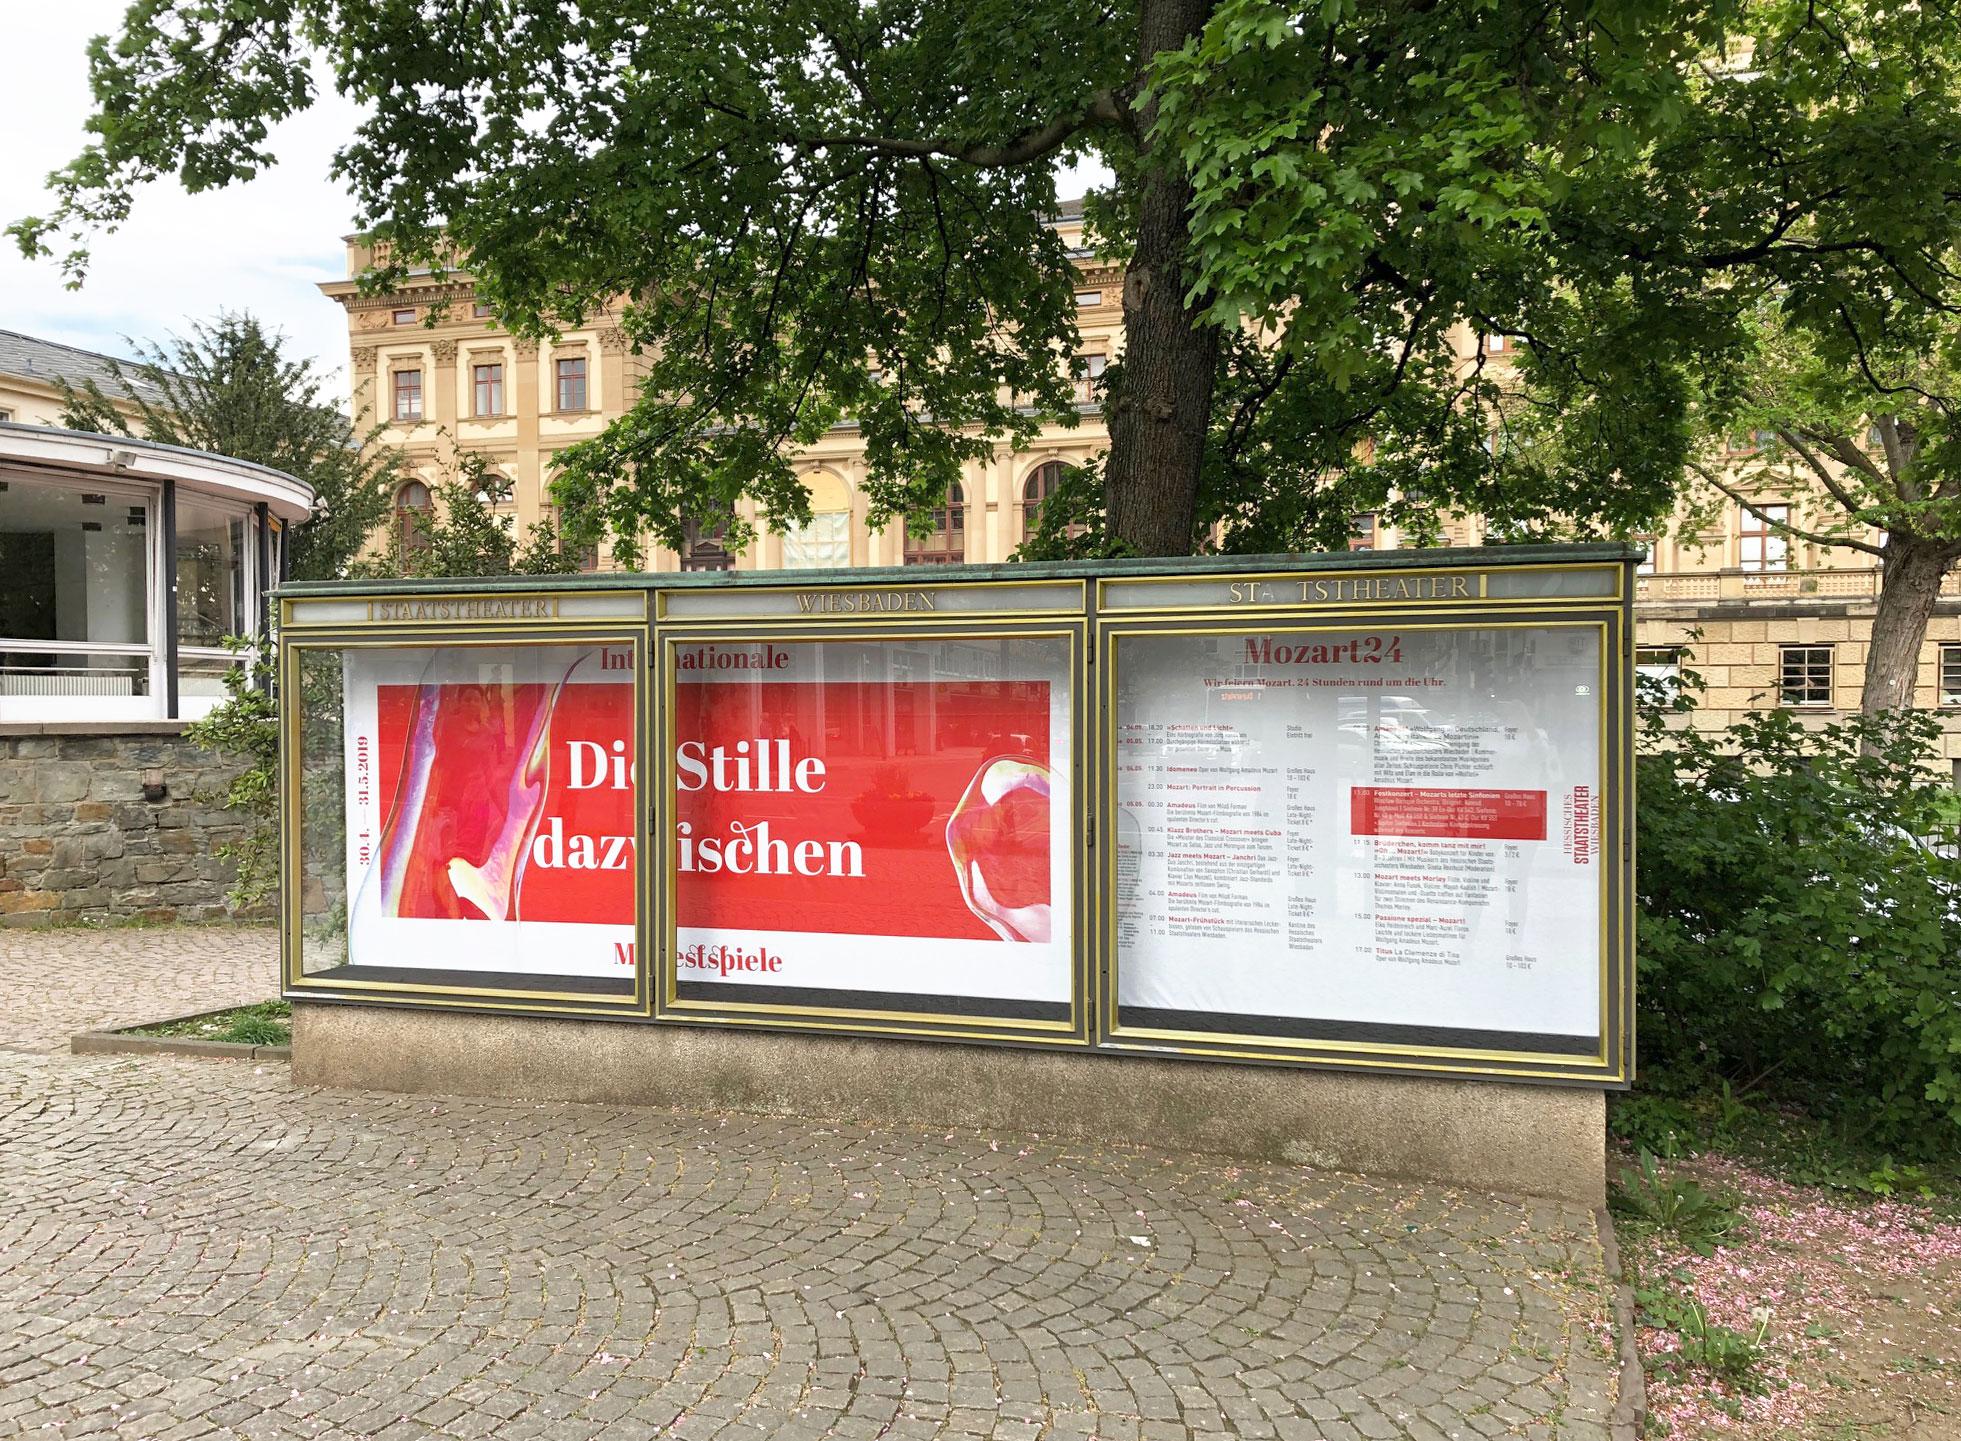 imf19_Schaukasten_Wilhelmstraße_m24_Belegfoto_fd